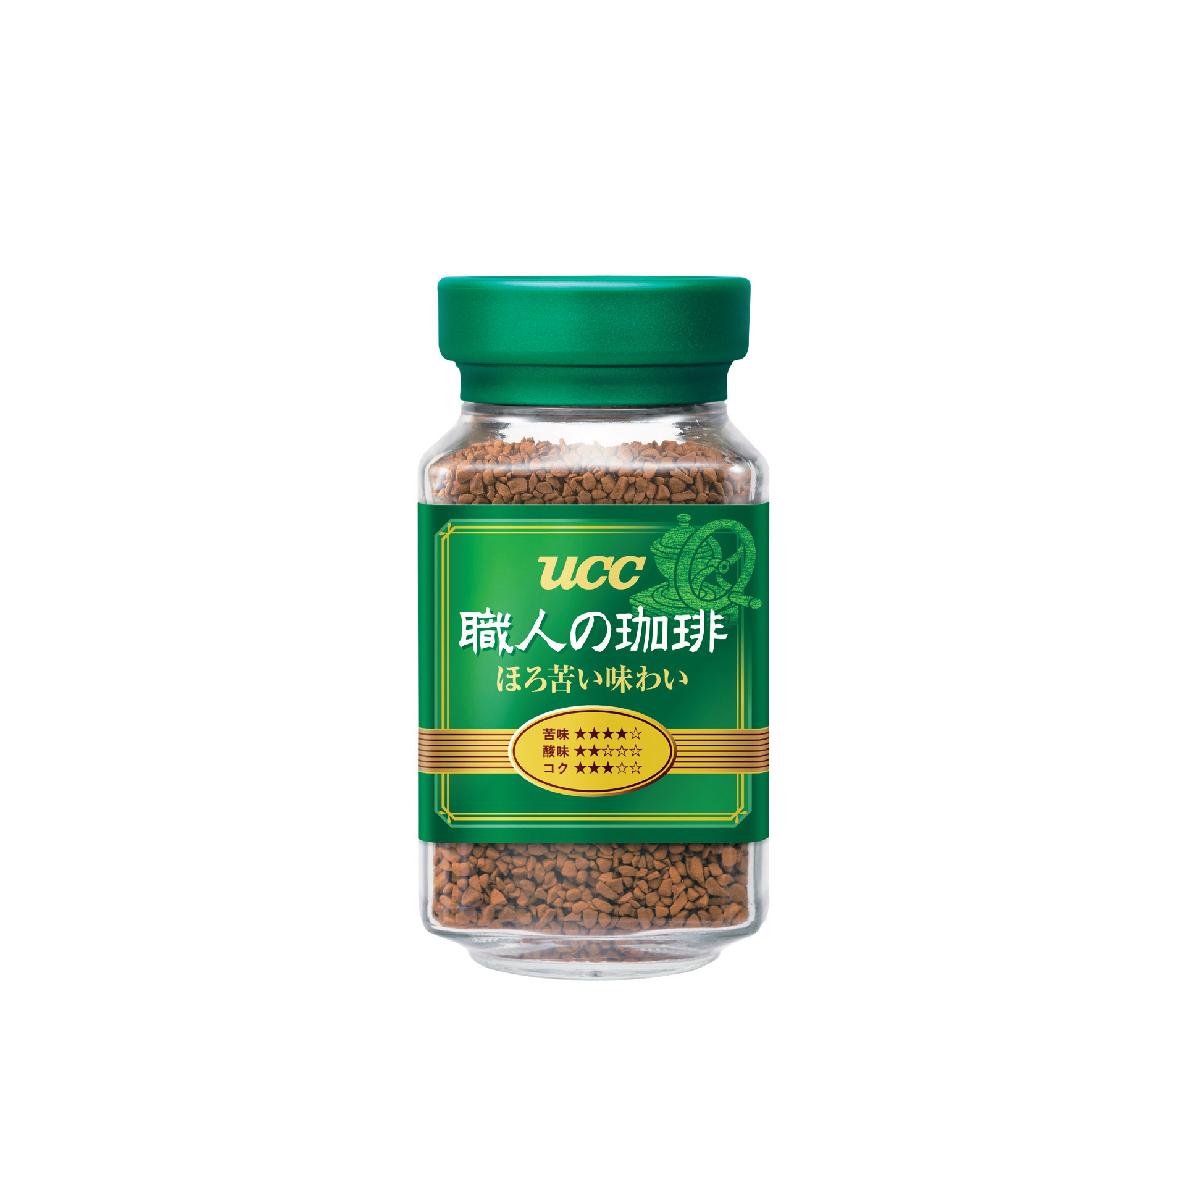 UCC Craftsman's Coffee Instant Coffee Bittersweet Taste